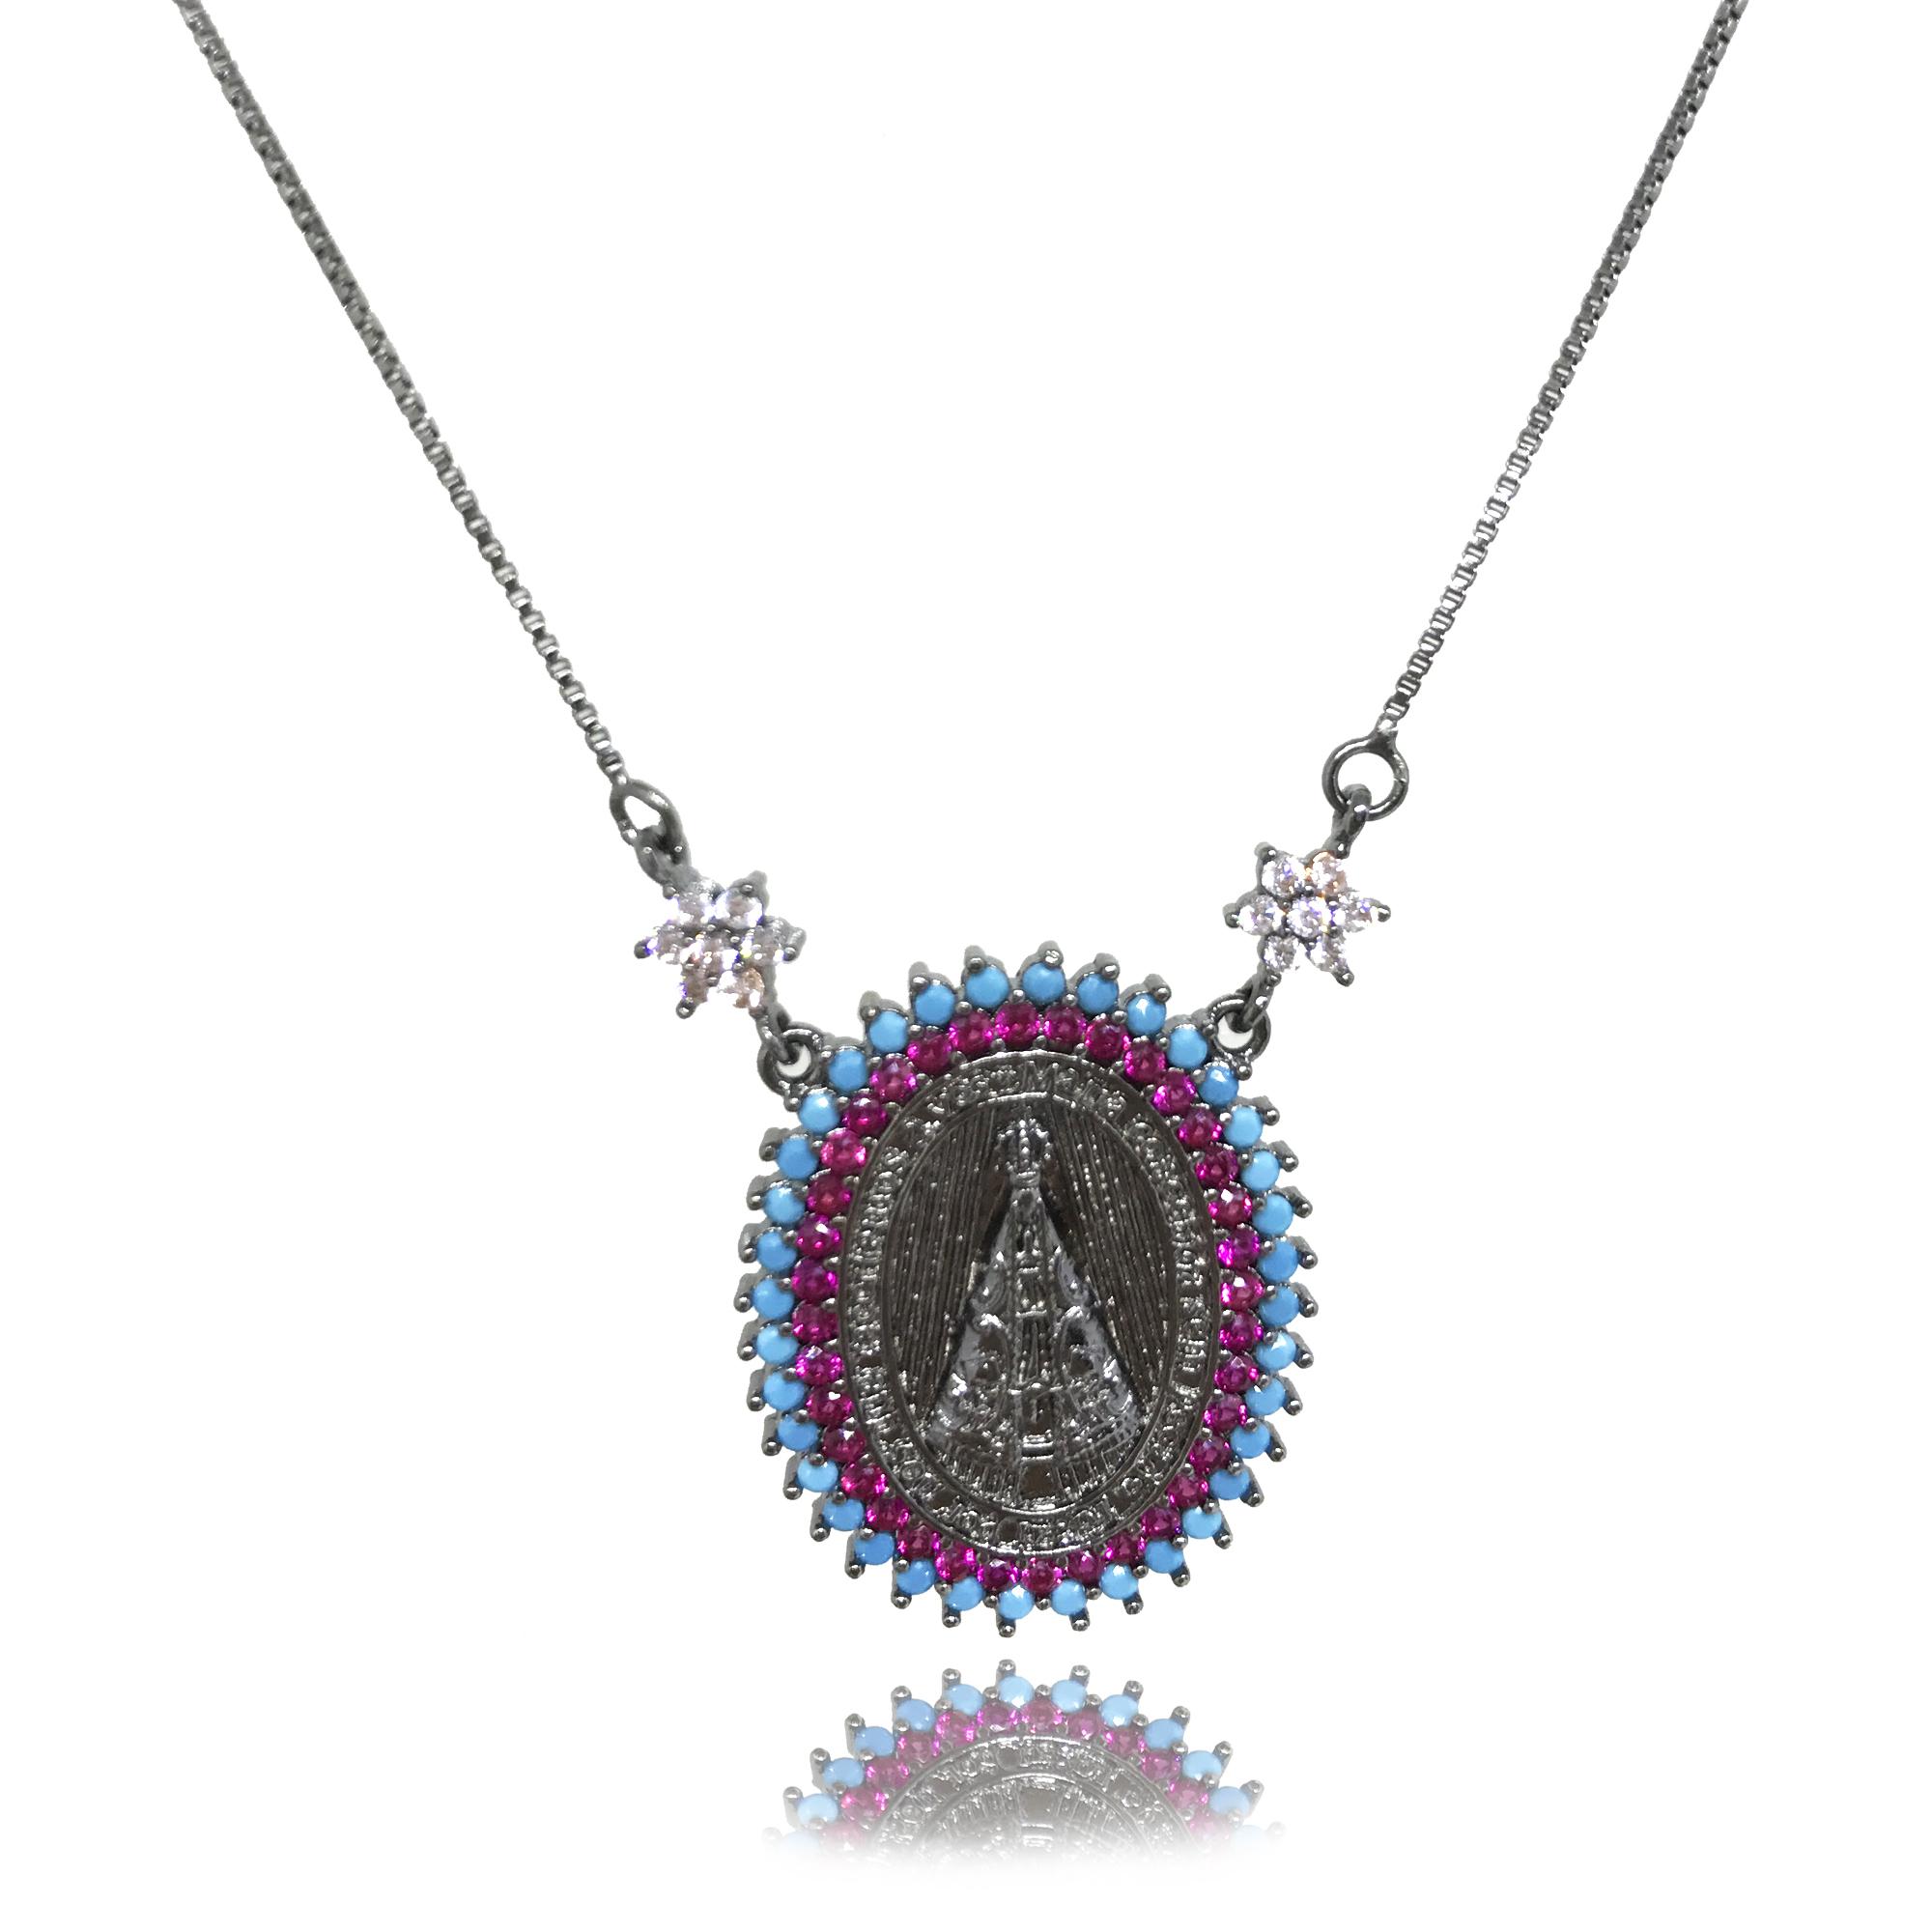 Colar Nossa Senhora Aparecida cravejado em mini zircônia rosa e azul turquesa